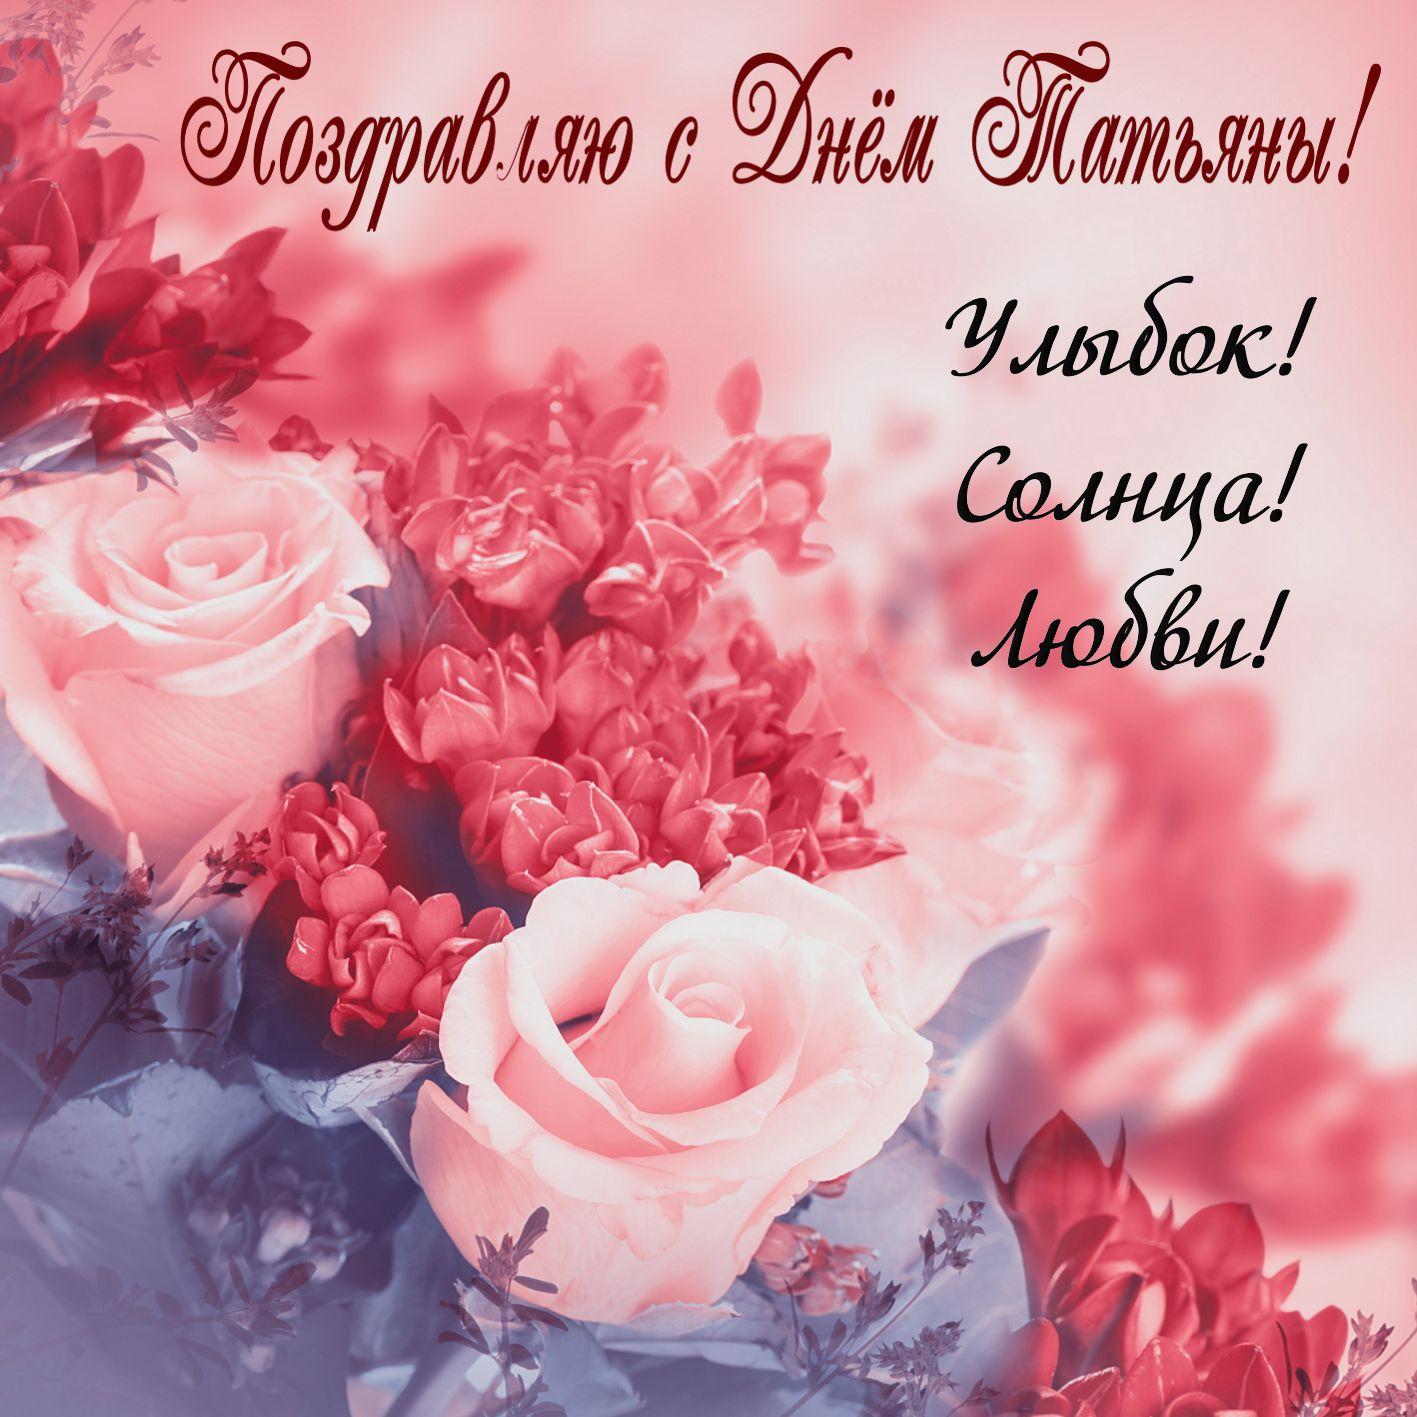 Прикольные поздравления с днем Татьяны в стихах - Поздравок 87